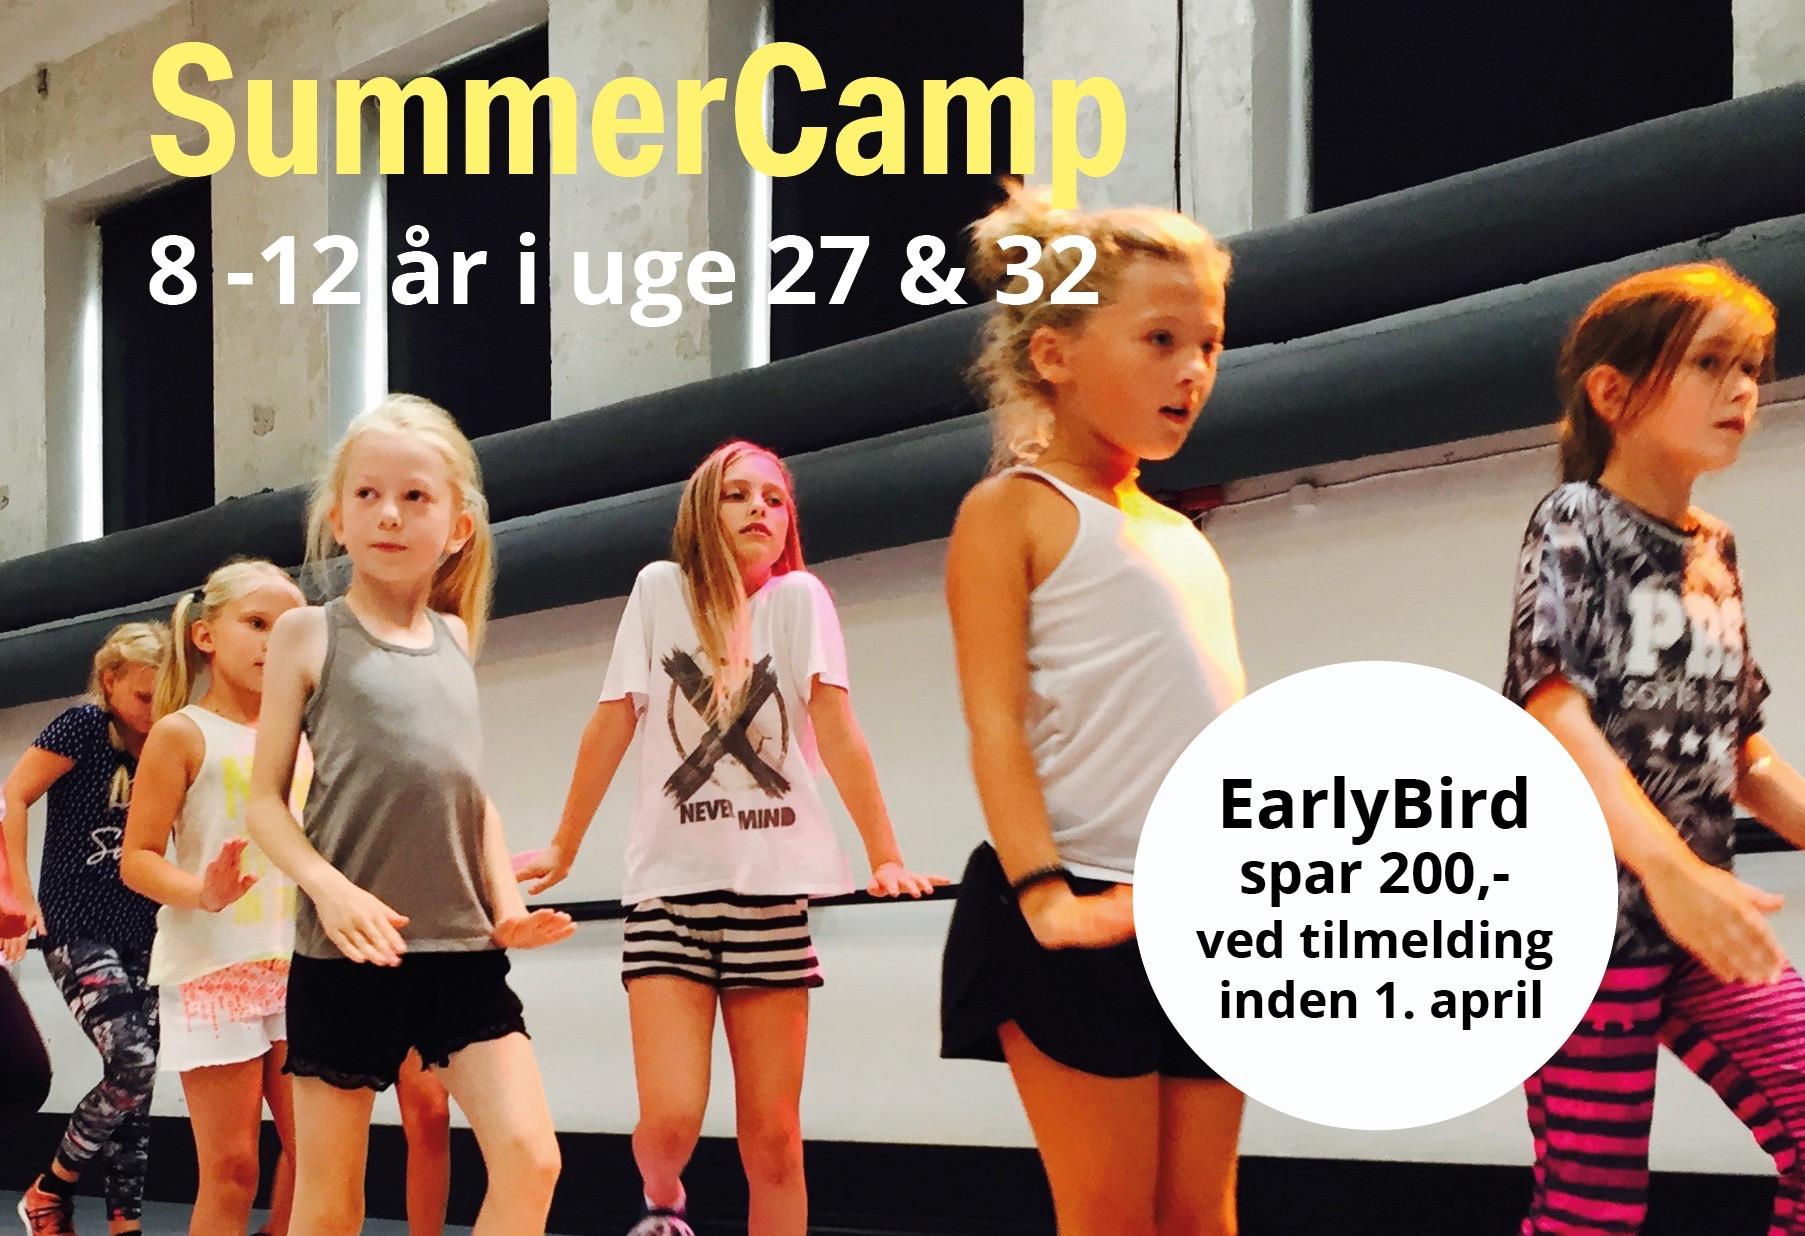 SummerCamp 8-12 år & Teen EARLY BIRD